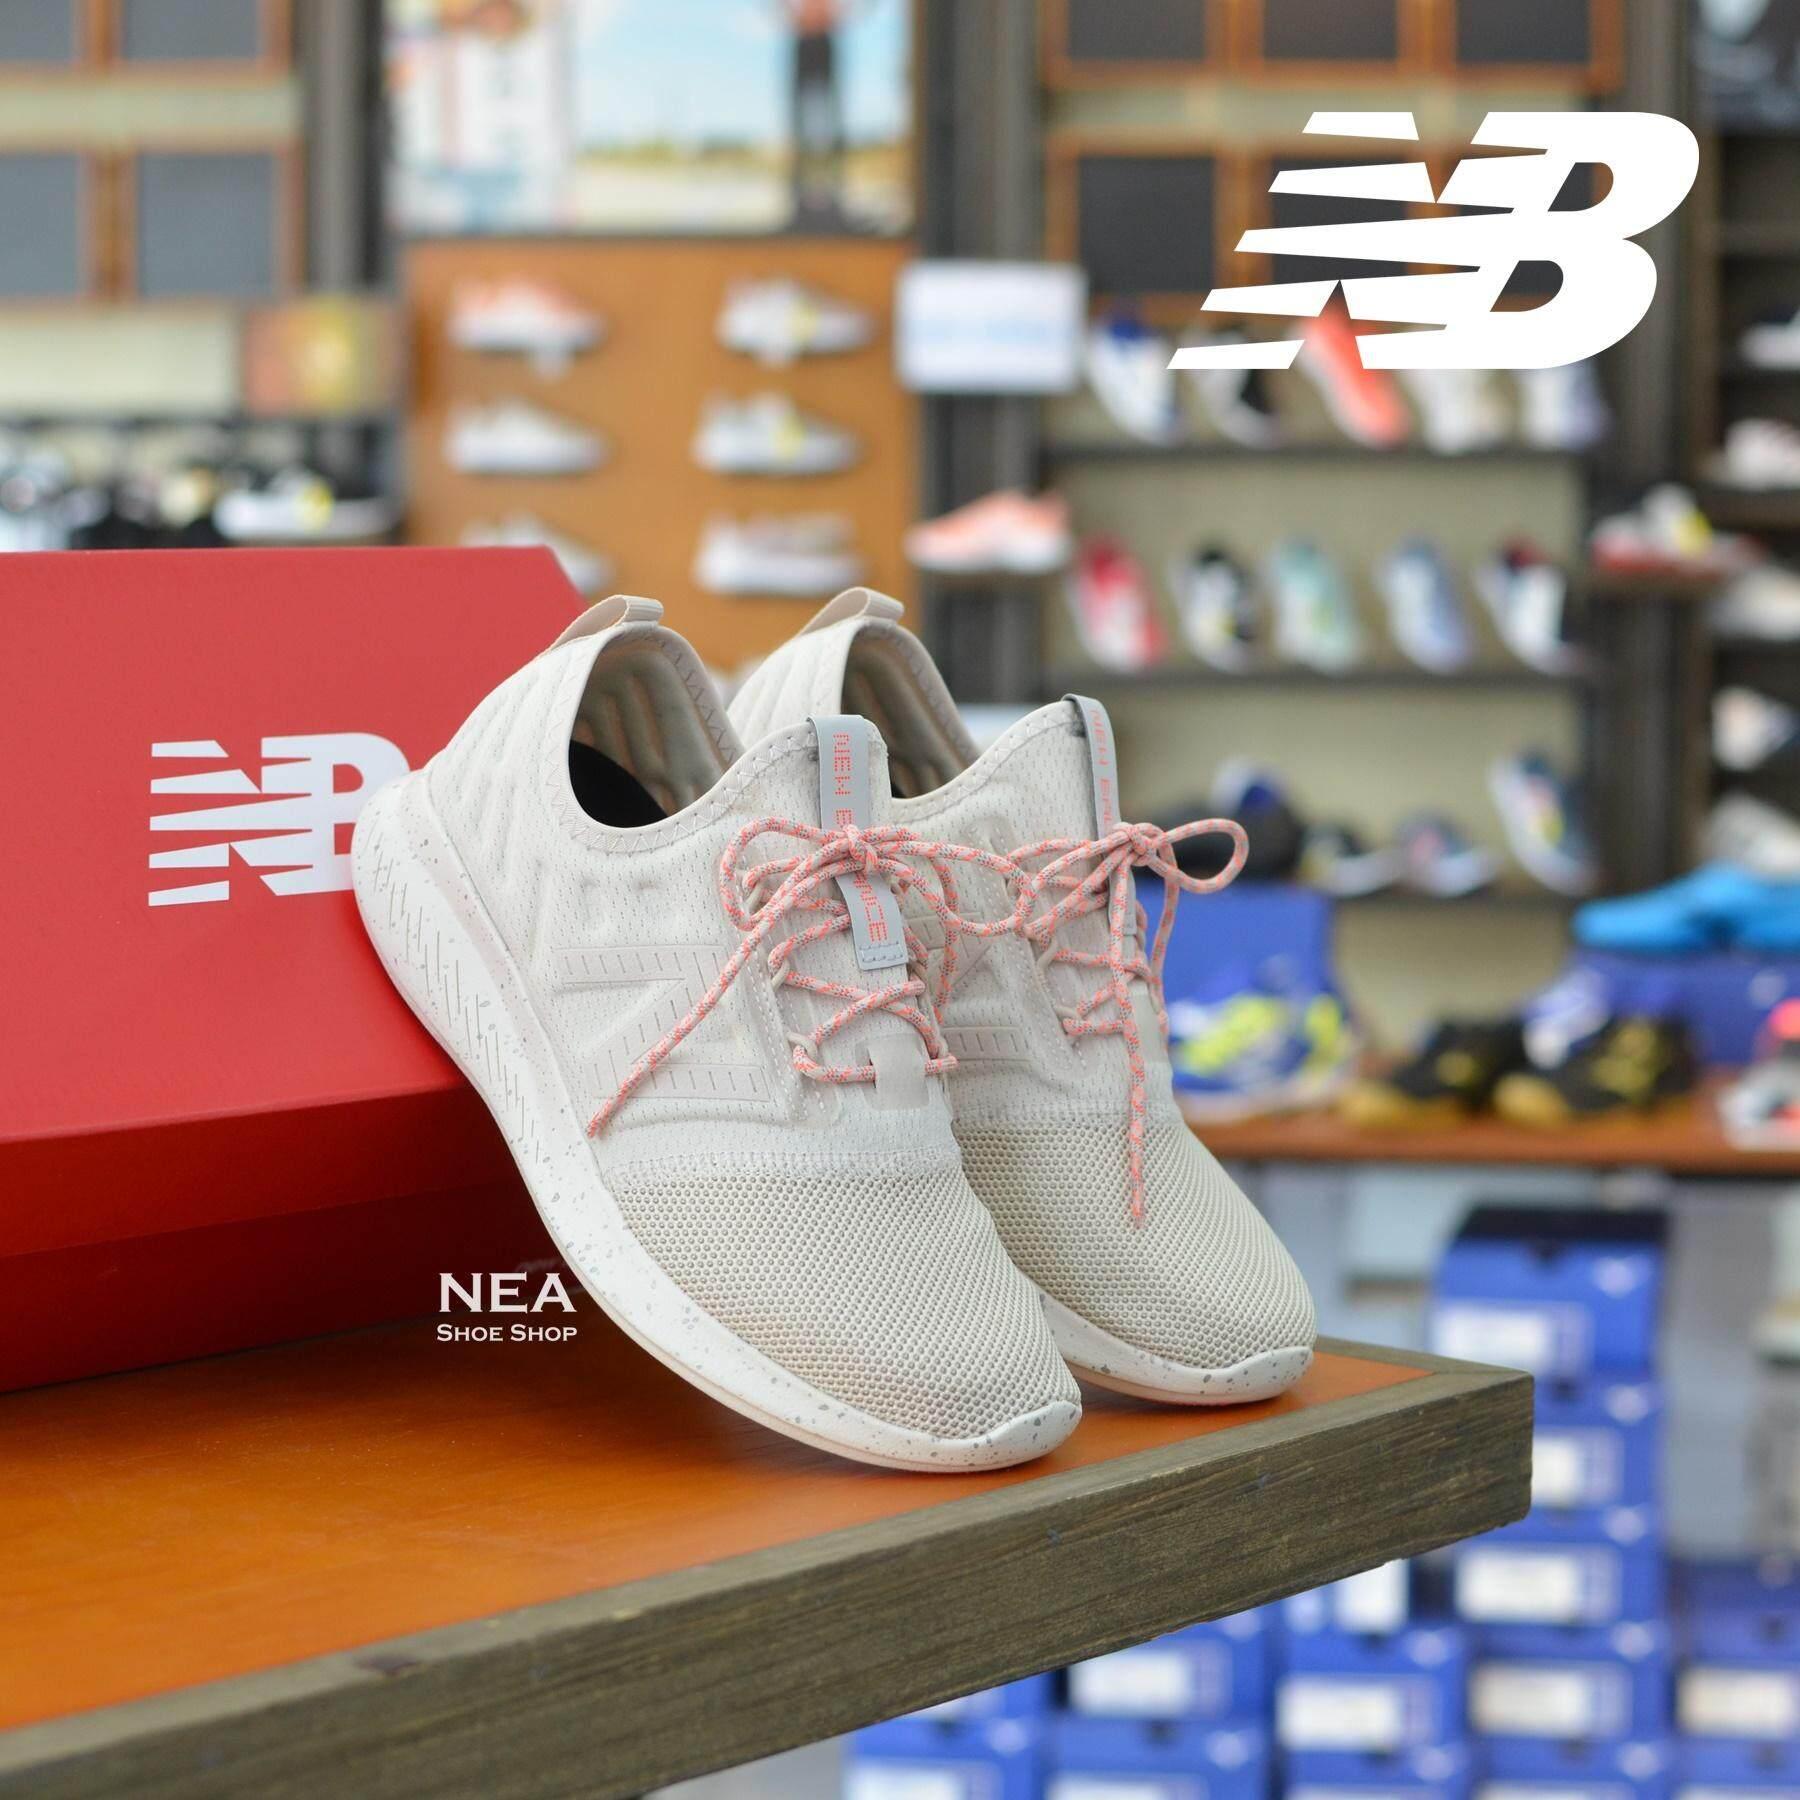 เชียงใหม่ [ลิขสิทธิ์แท้] New Balance FuelCore Coast v4 City Stealth Pack [W] รองเท้าผ้าใบ ผู้หญิง รองรับการวิ่ง WCSTLRG4 - D